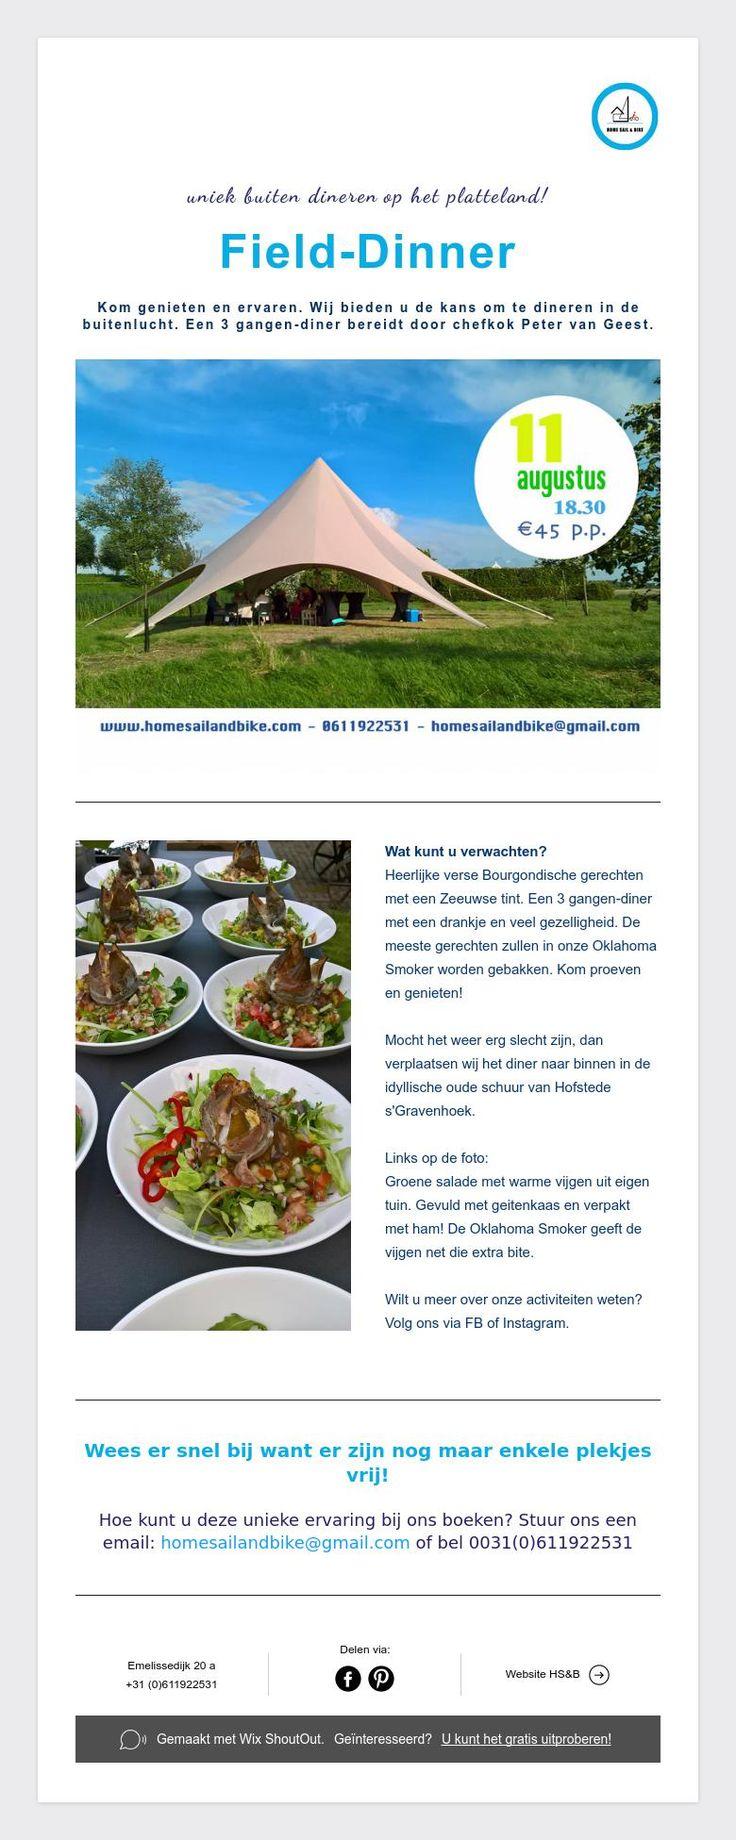 uniek buiten dinerenop het platteland!    Field-Dinner    Kom genieten en ervaren. Wij bieden u de kans om te dineren in de buitenlucht. Een 3 gangen-diner bereidt door chefkok Peter van Geest.